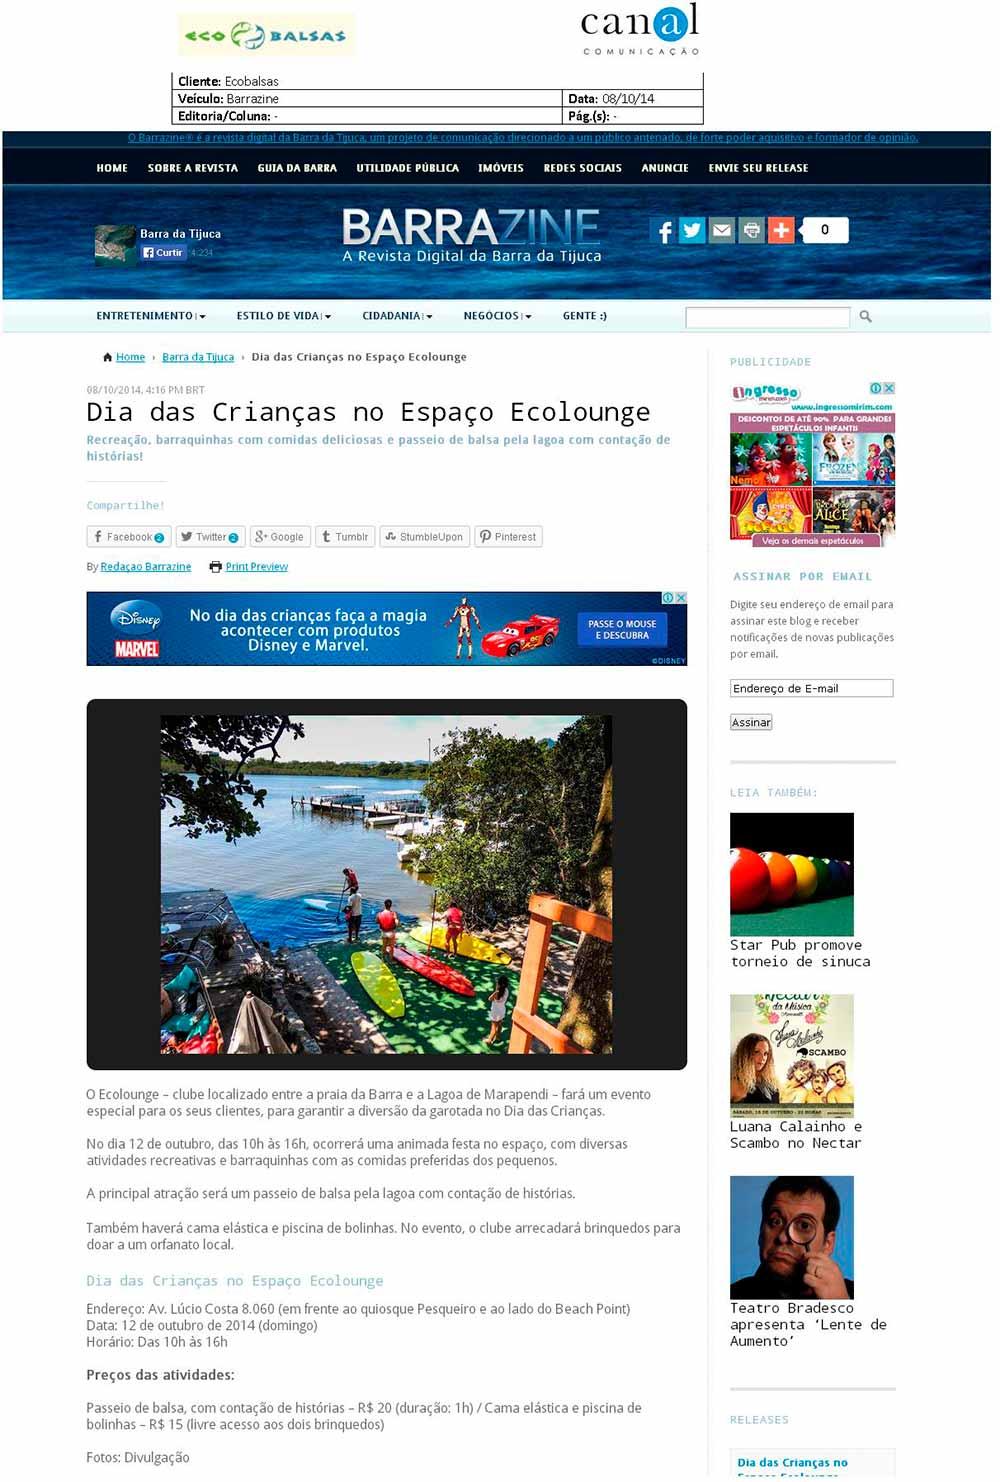 11-Ecobalsas_Barrazine_08.10